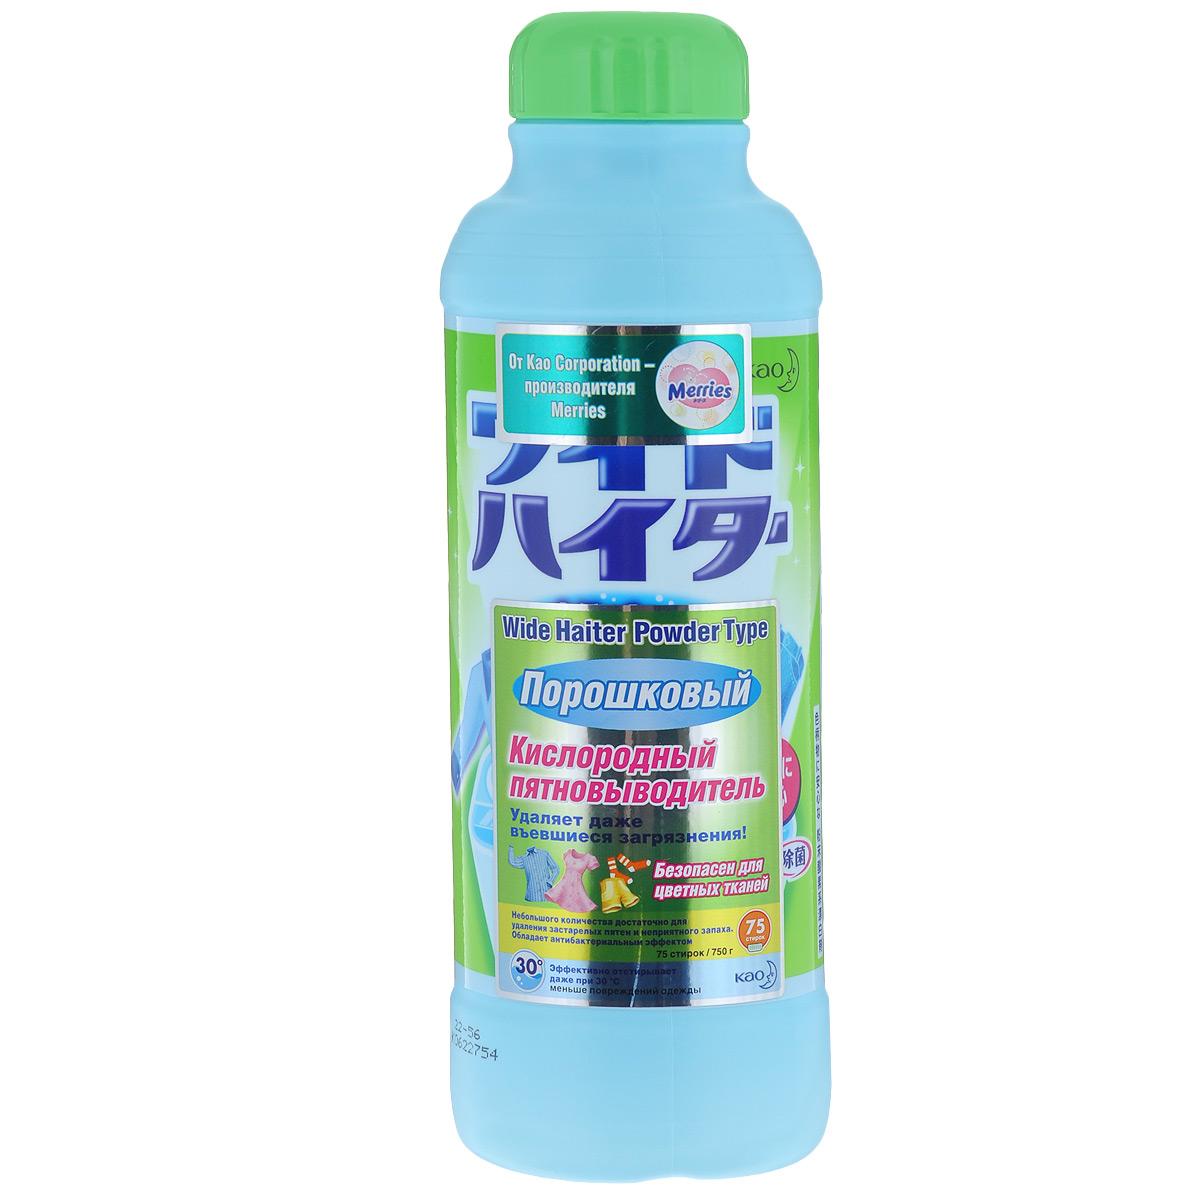 Пятновыводитель порошковый Wide Haiter, кислородный, 750 г62030203Кислородный пятновыводитель Wide Haiter подходит для белых, цветных, темных тканей (хлопок, лен, синтетические ткани, шерсть, шелк). Безопасен для цветных тканей. Превосходно удаляет загрязнения даже в холодной воде. Пятновыводитель можно использовать как на отдельных загрязненных участках, так и добавлять во время стирки в стиральной машине. Обладает антибактериальным и дезодорирующим эффектом. Вес: 750 г. Состав: 30% и более кислородный отбеливатель, менее 5% стабилизатор, неионогенные ПАВ, отдушка, энзим. Товар сертифицирован.